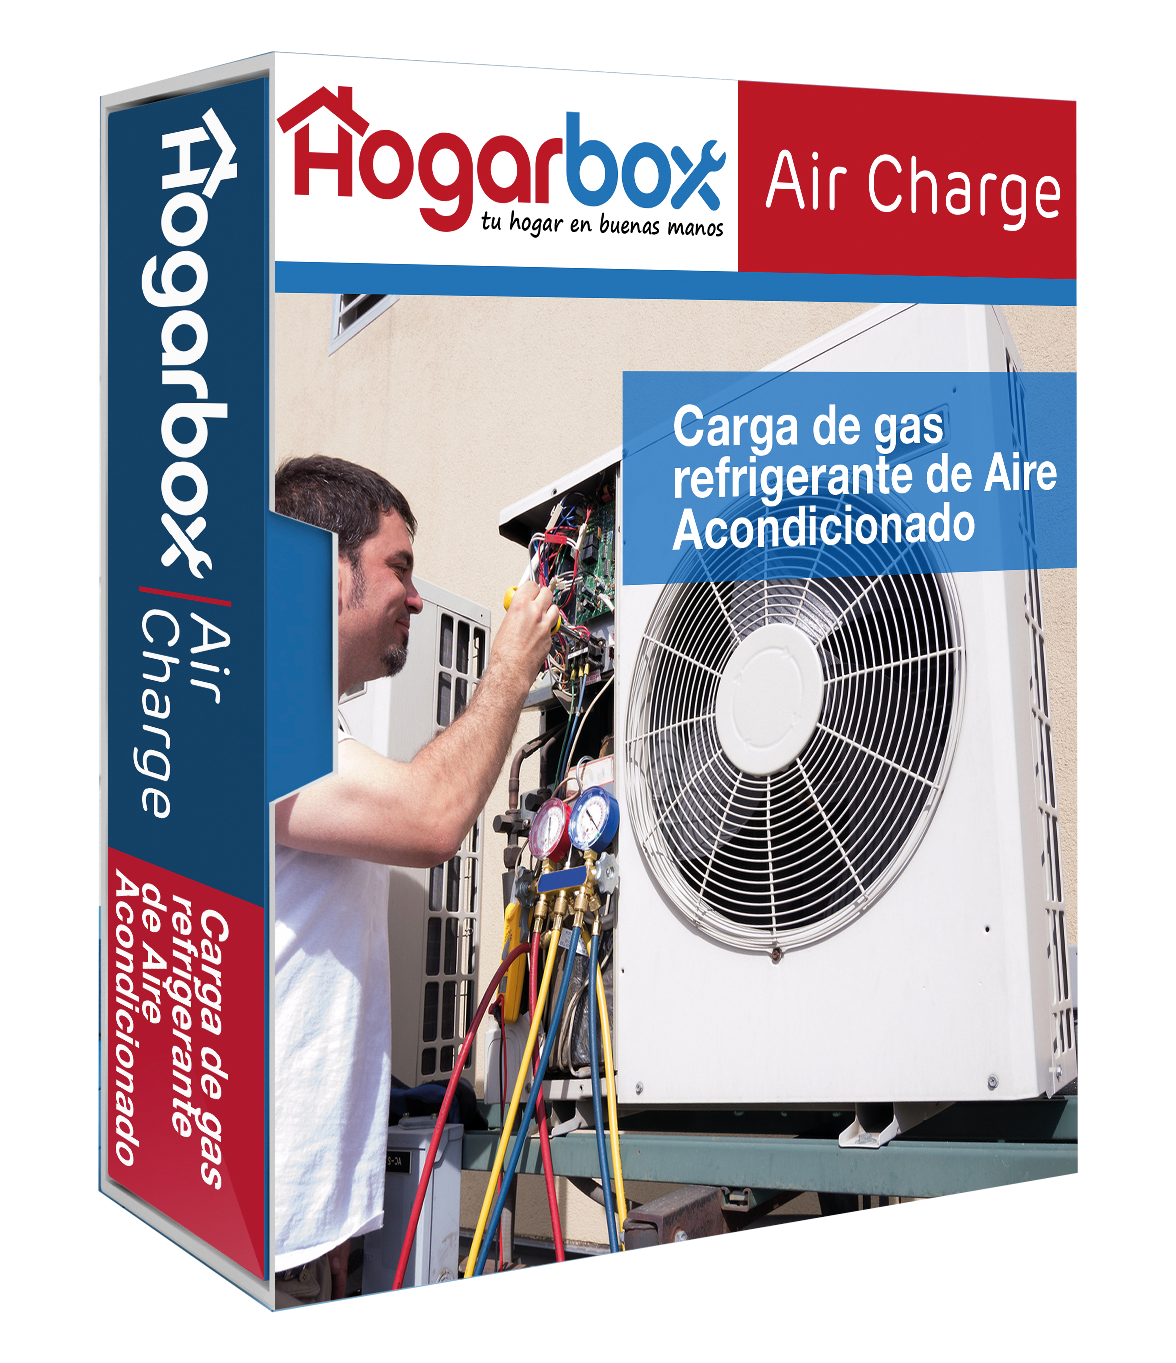 Carga de Gas Refrigerante para Aire Acondicionado